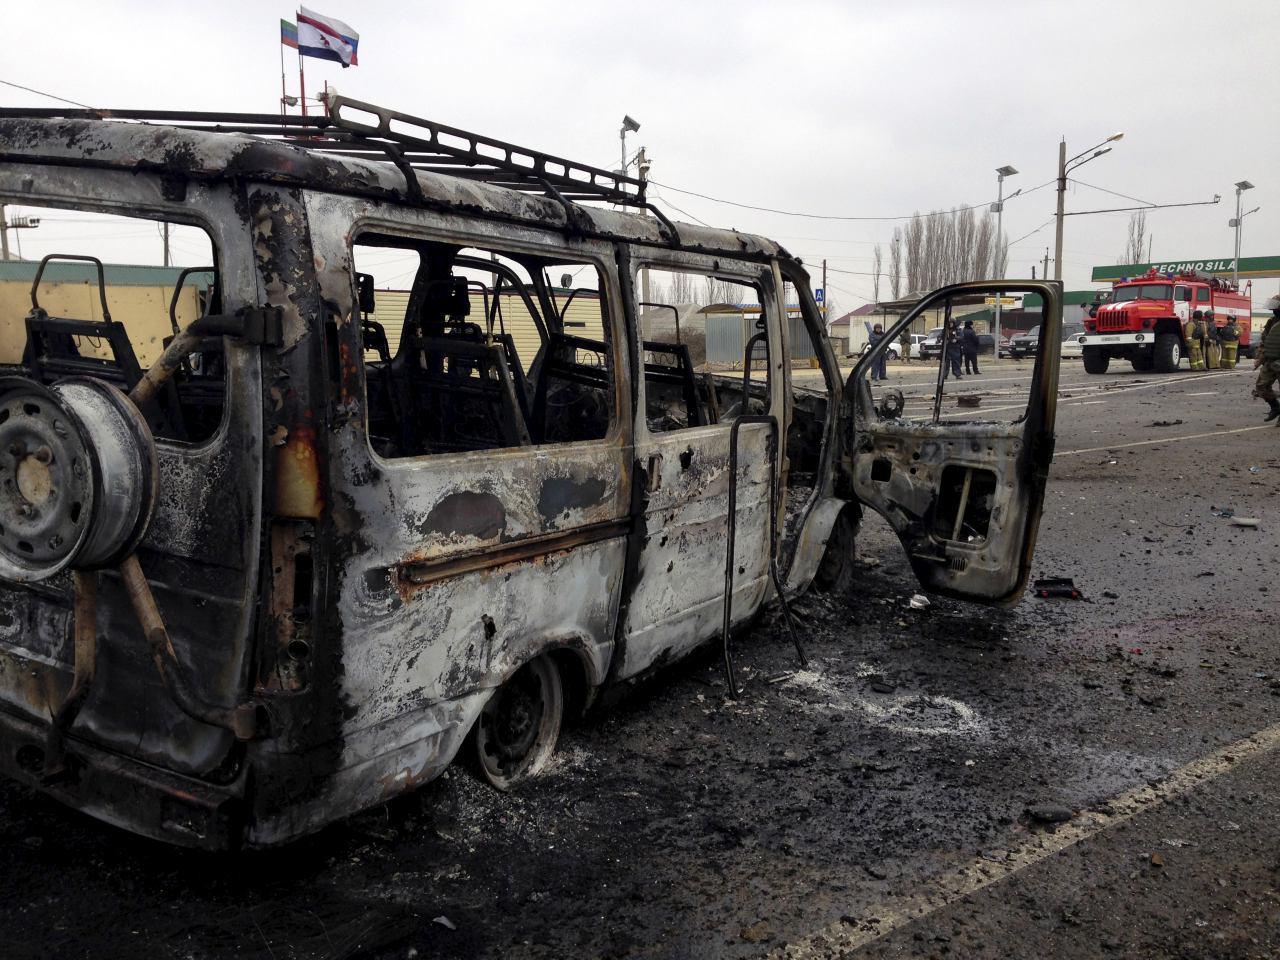 تصویر انفجار انتحاری در تنها شهر شیعه نشین روسیه